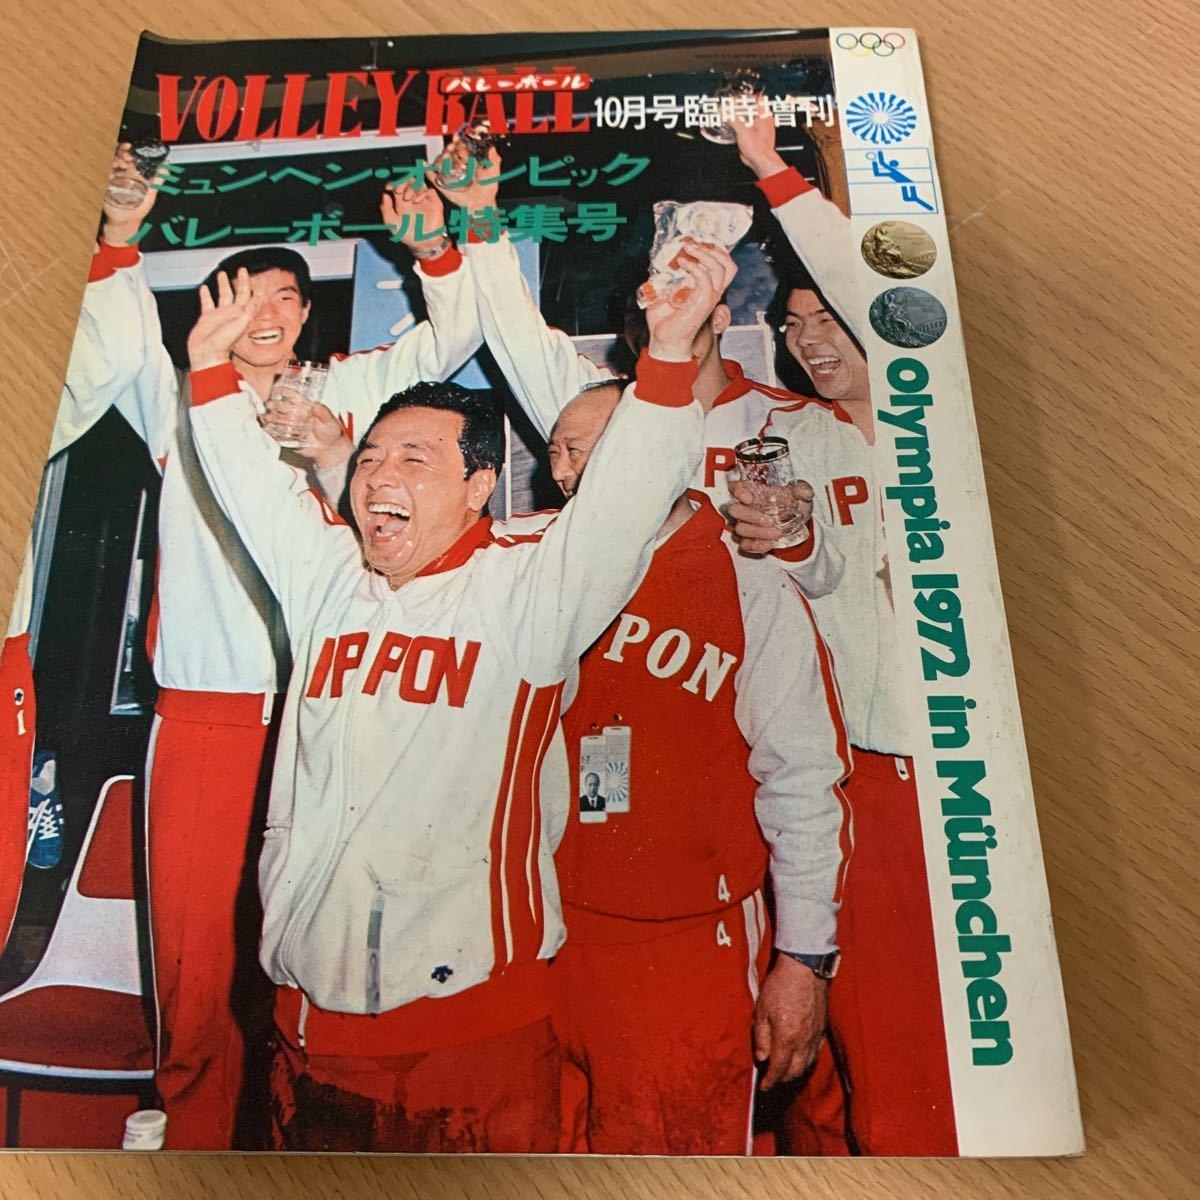 月刊 バレーボール 1972年  10月号臨時増刊 ミュンヘンオリンピックバレーボール特集号_画像1